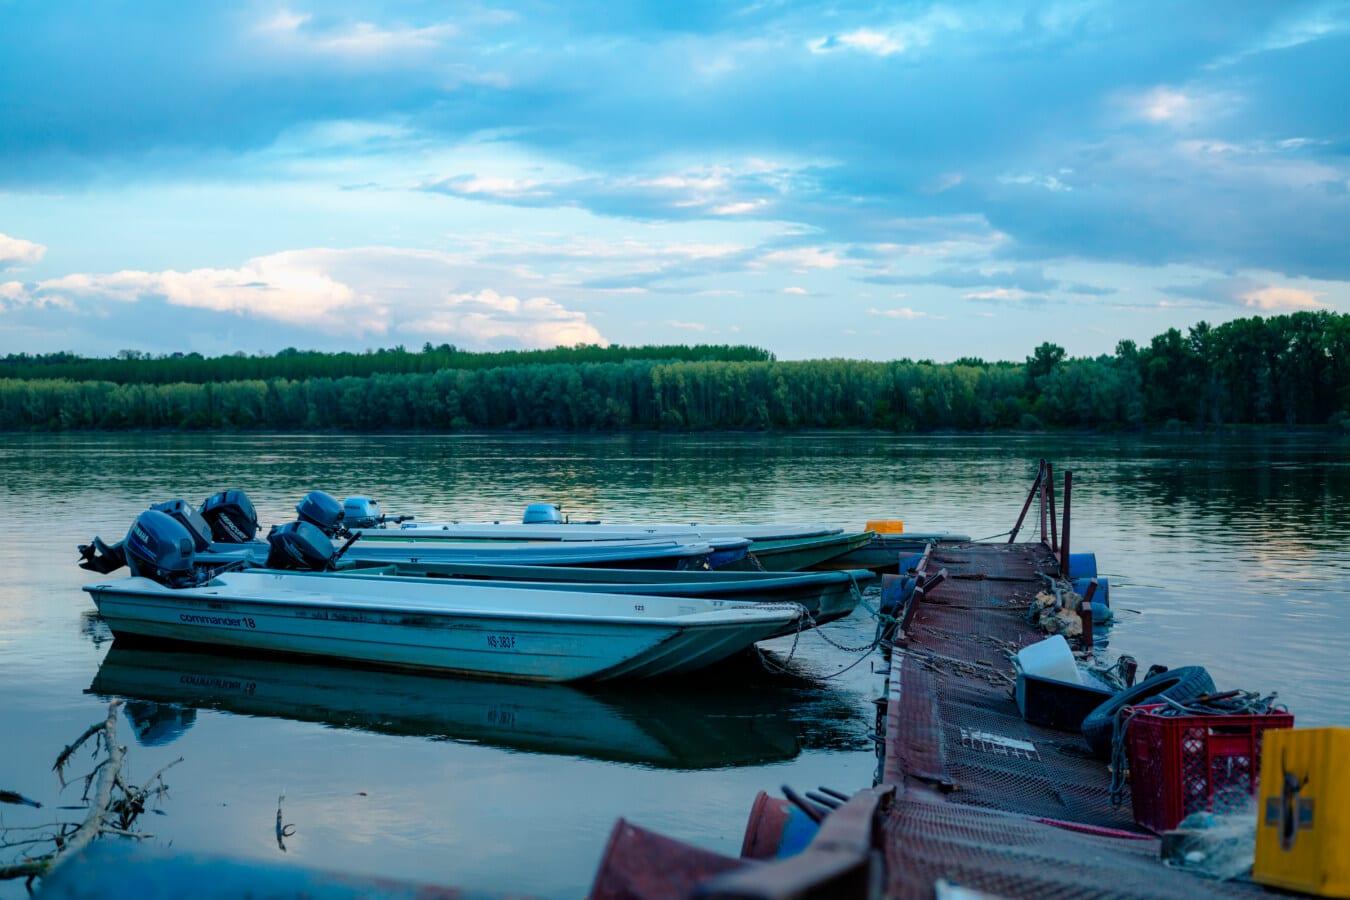 เรือประมง, อุปกรณ์ตกปลา, พลบค่ำ, ท่าเรือ, เรือเร็ว, น้ำ, เรือยนต์, เรือ, โคลง, ทะเลสาบ